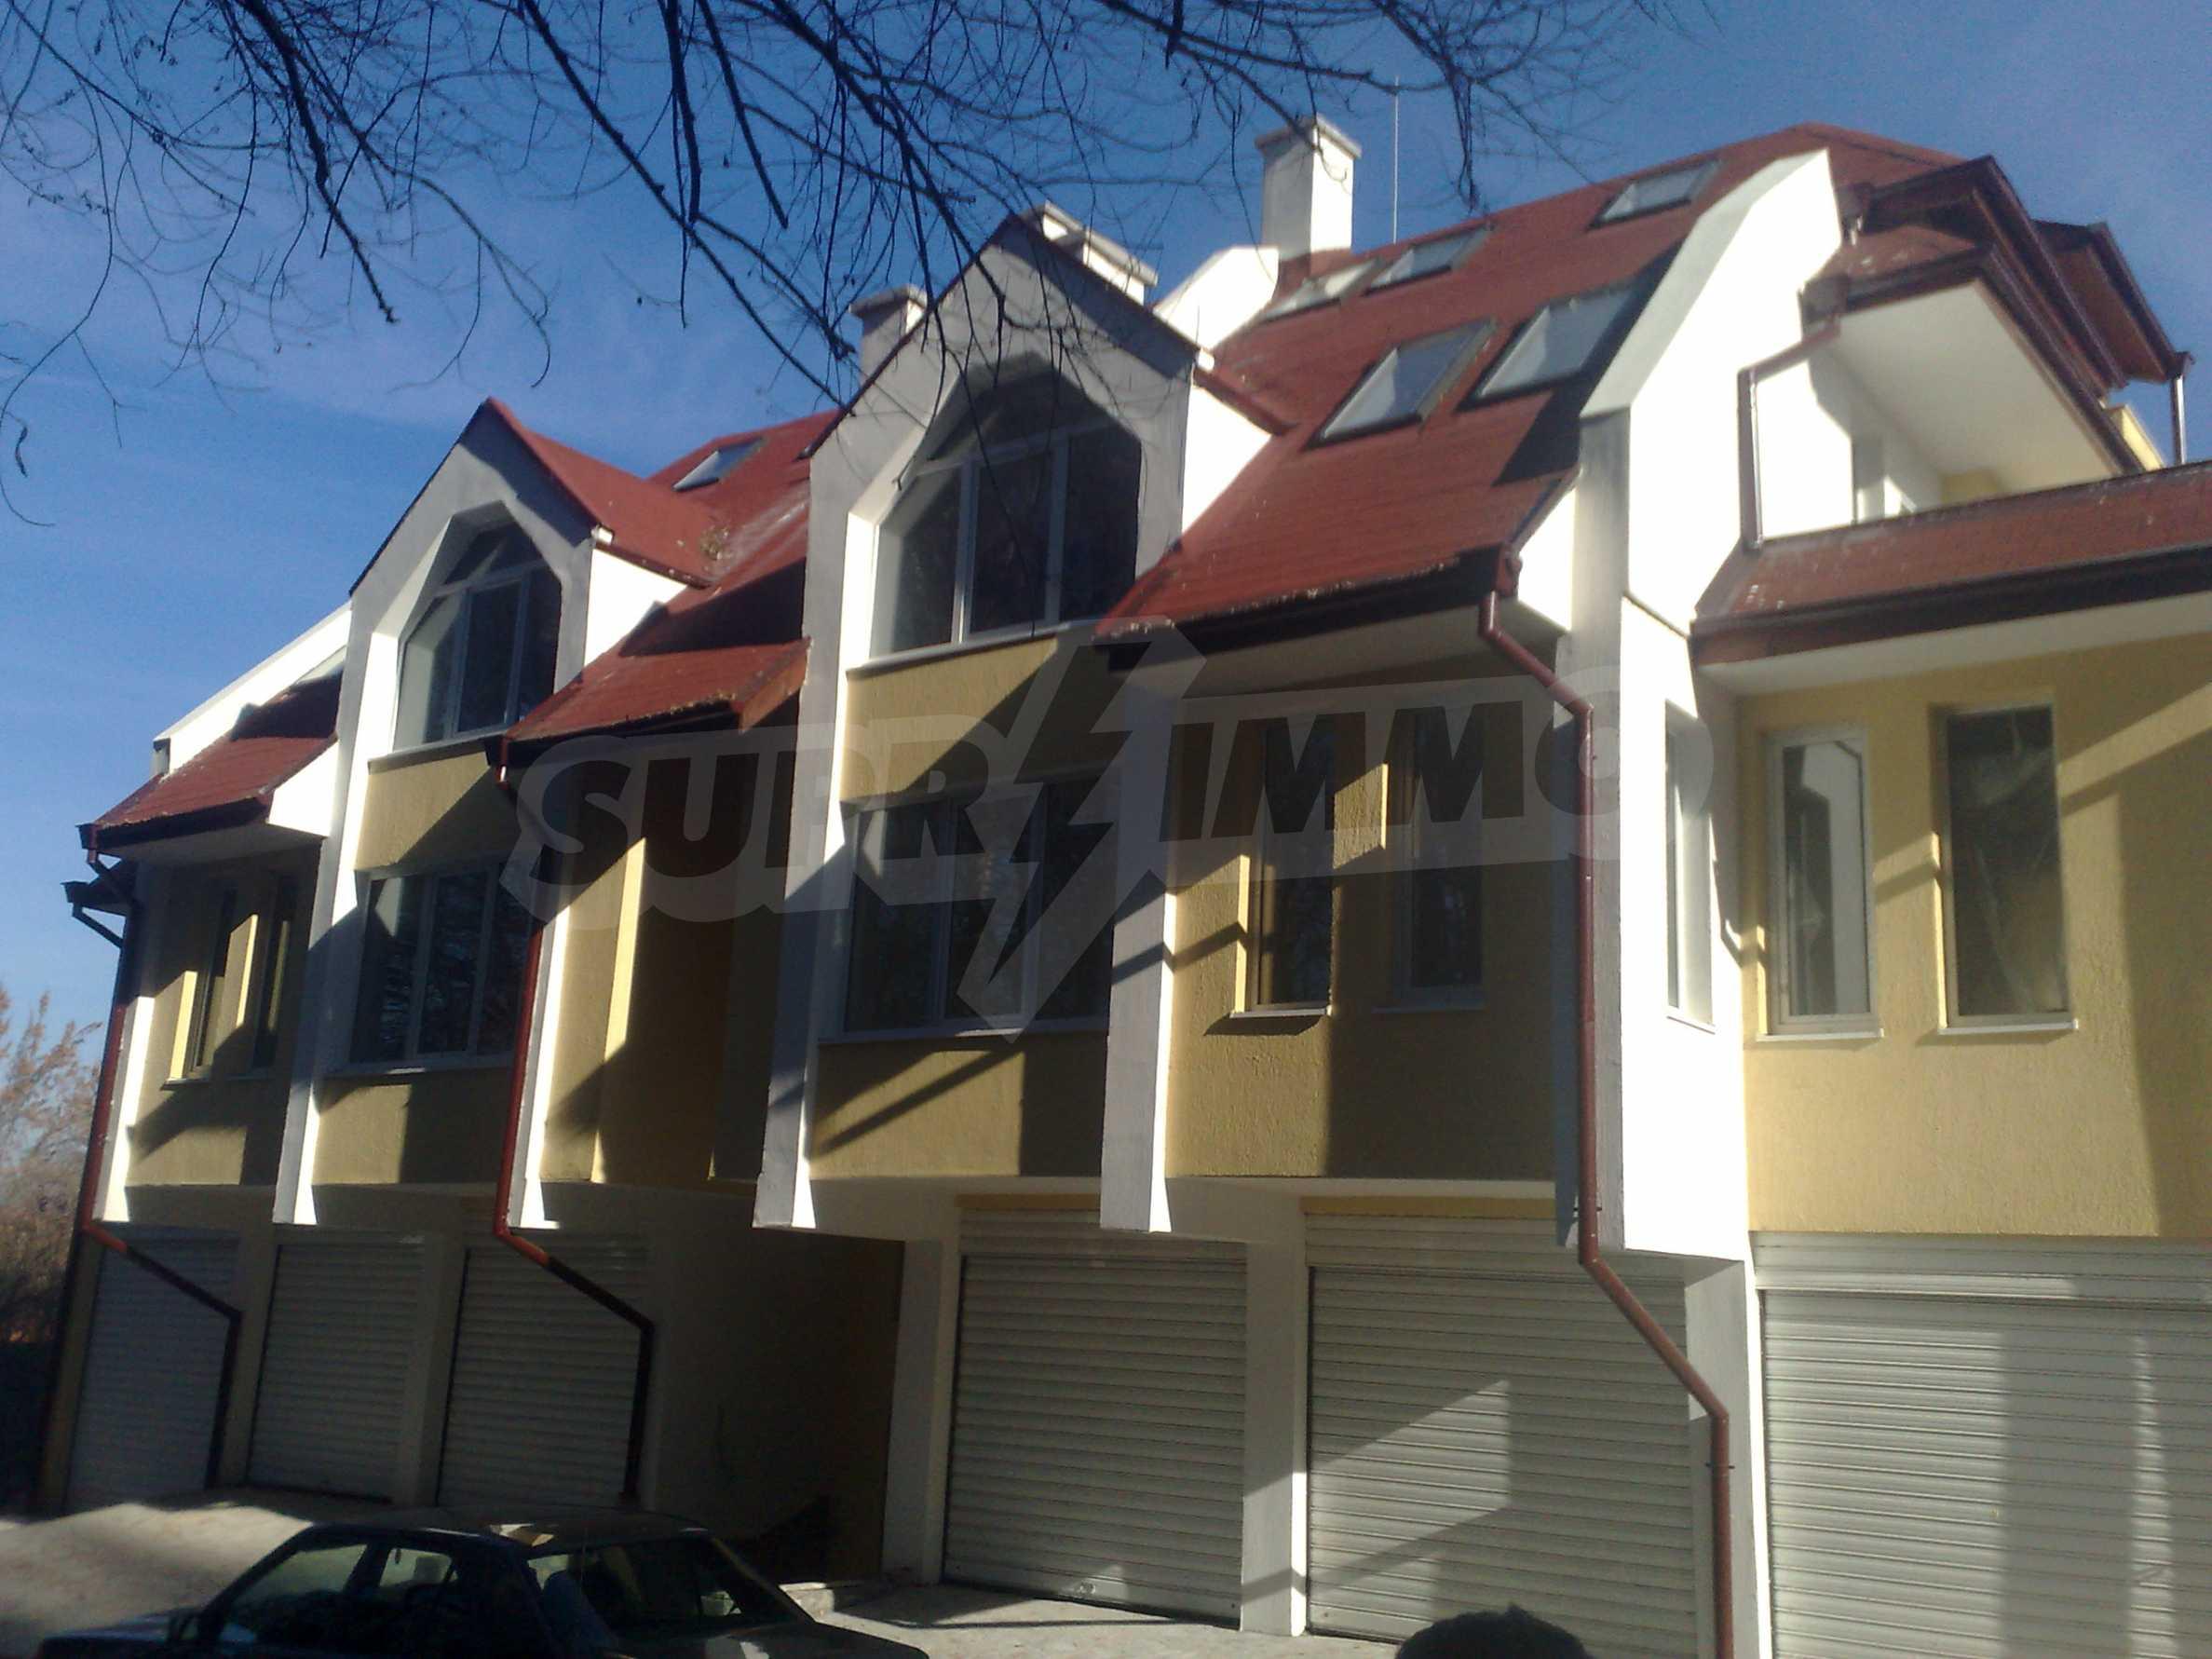 Двустаен апартамент с тераси в нова сграда до парка в центъра на Банско 2